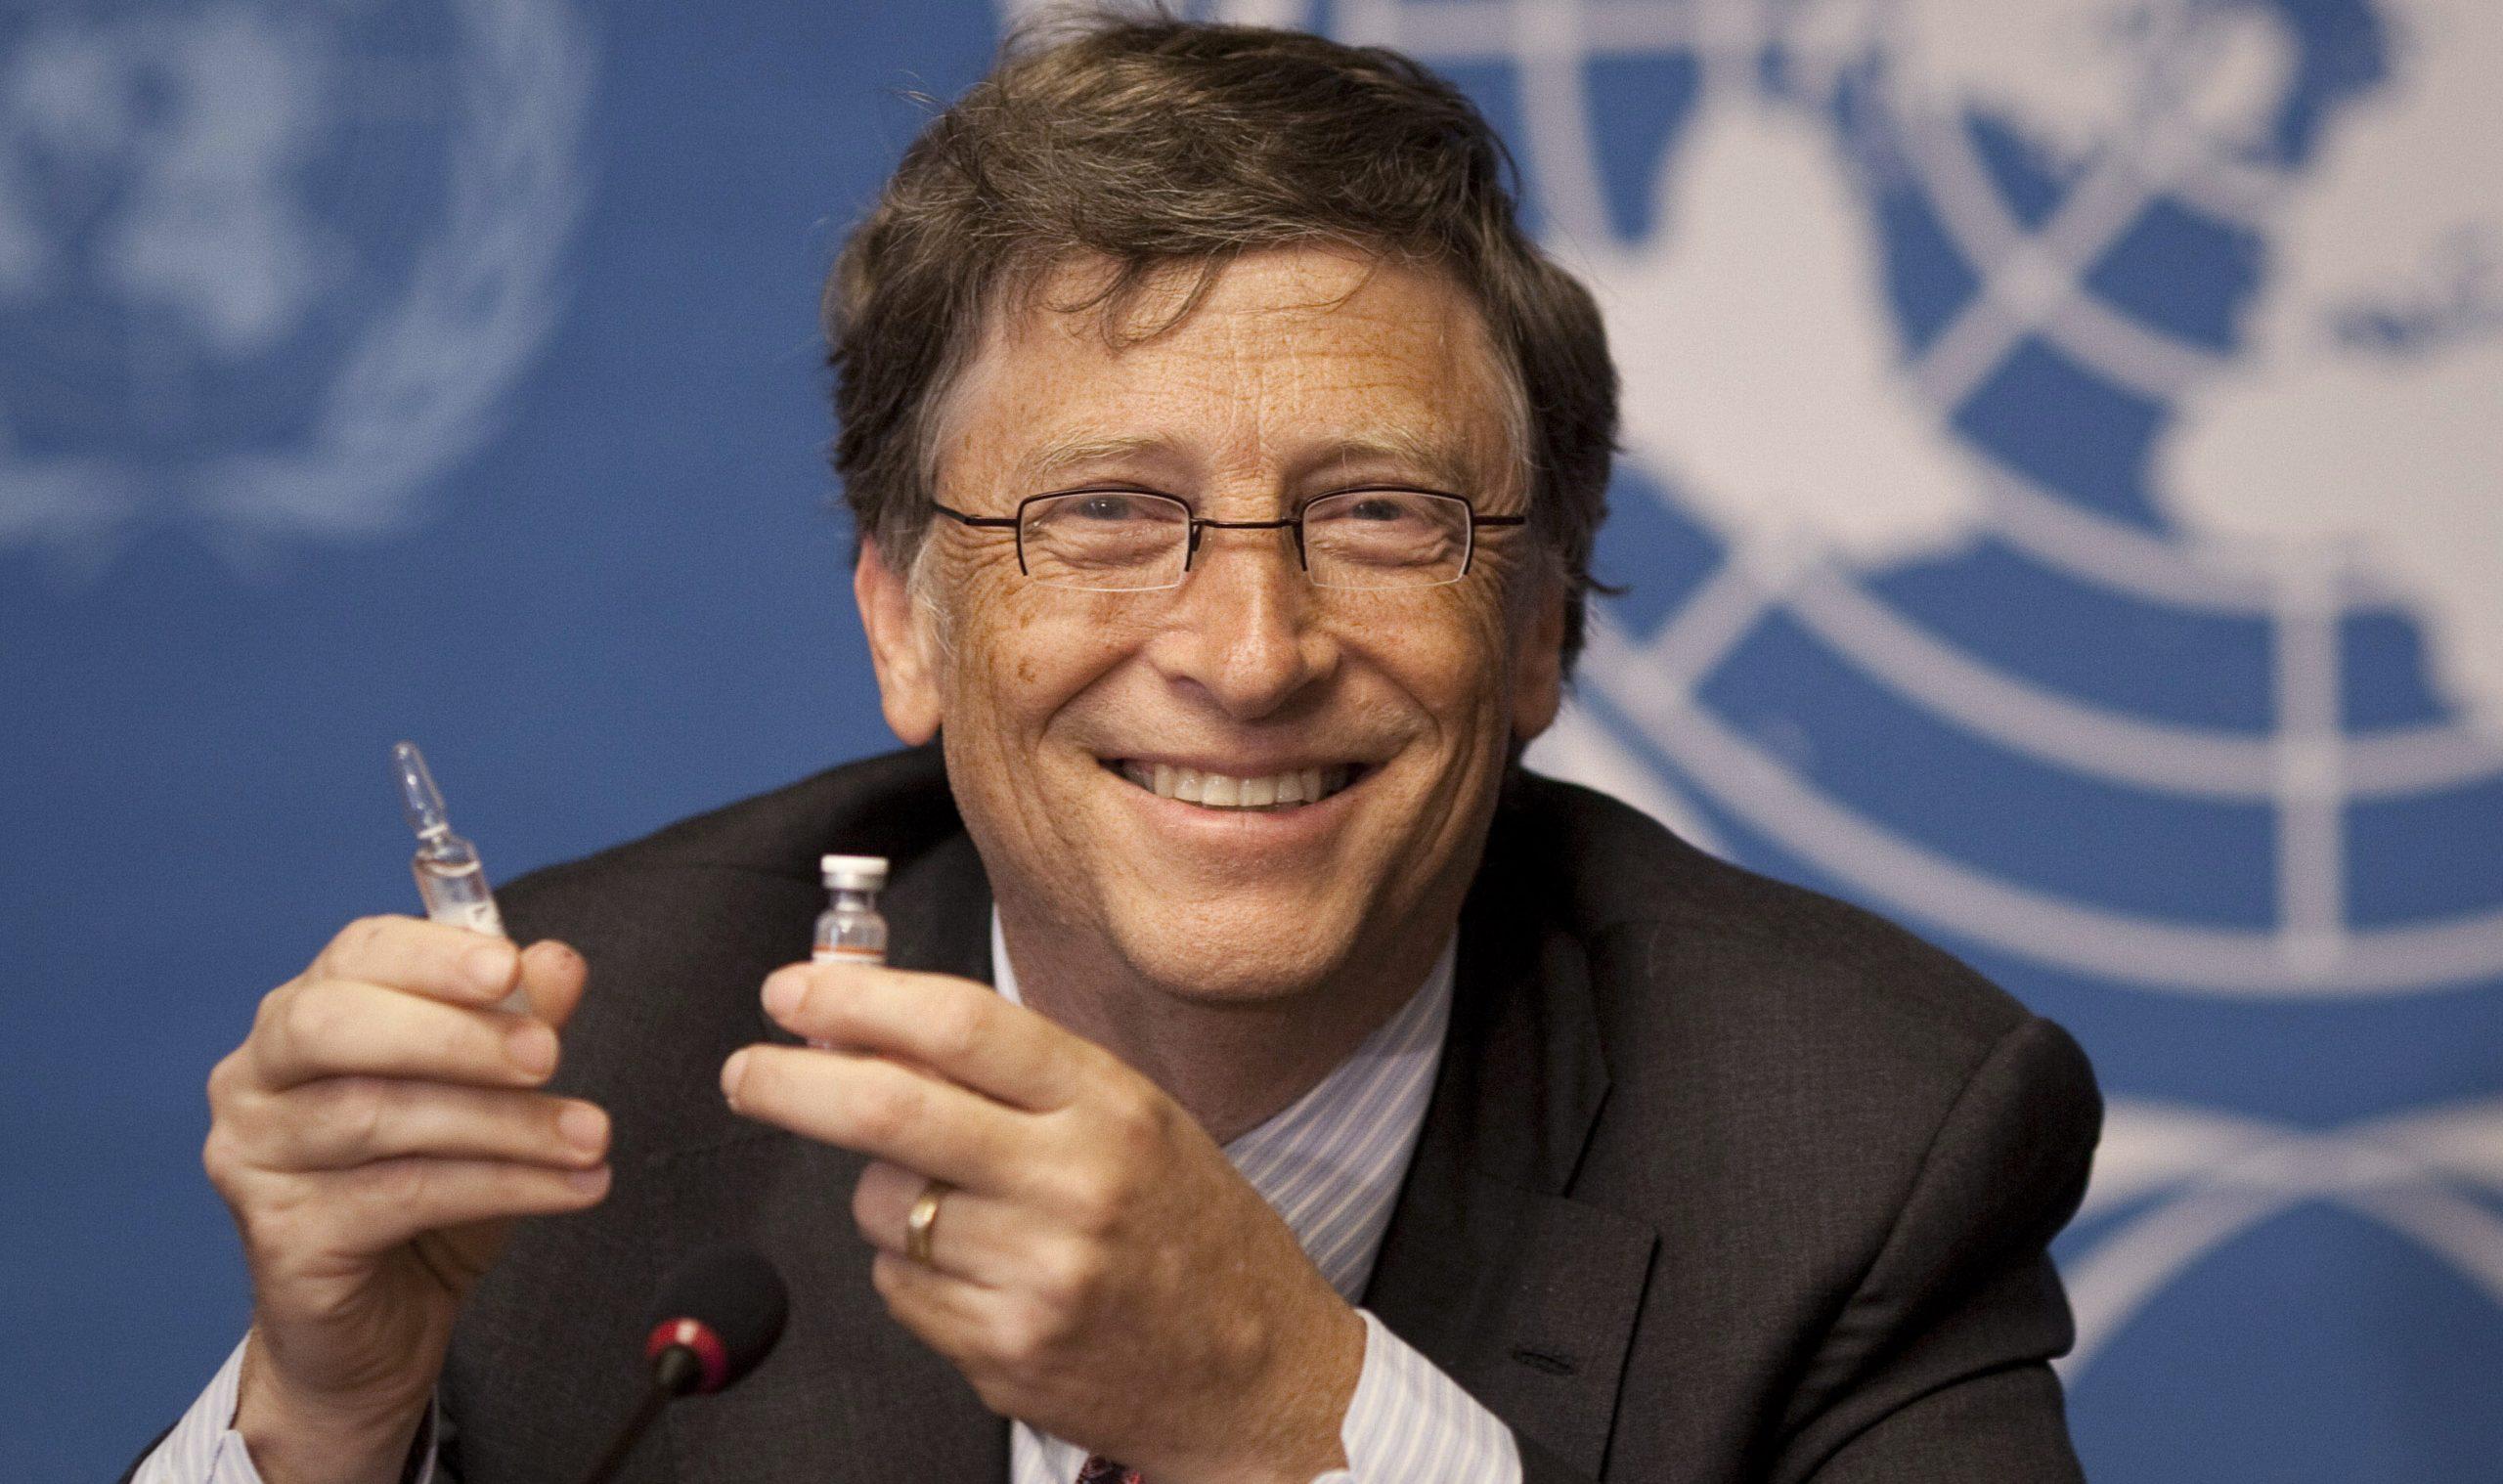 Bill Gates: Pentru următoarea pandemie vom dispune de fabrici-gigant care pot produce vaccinuri ARN mesager